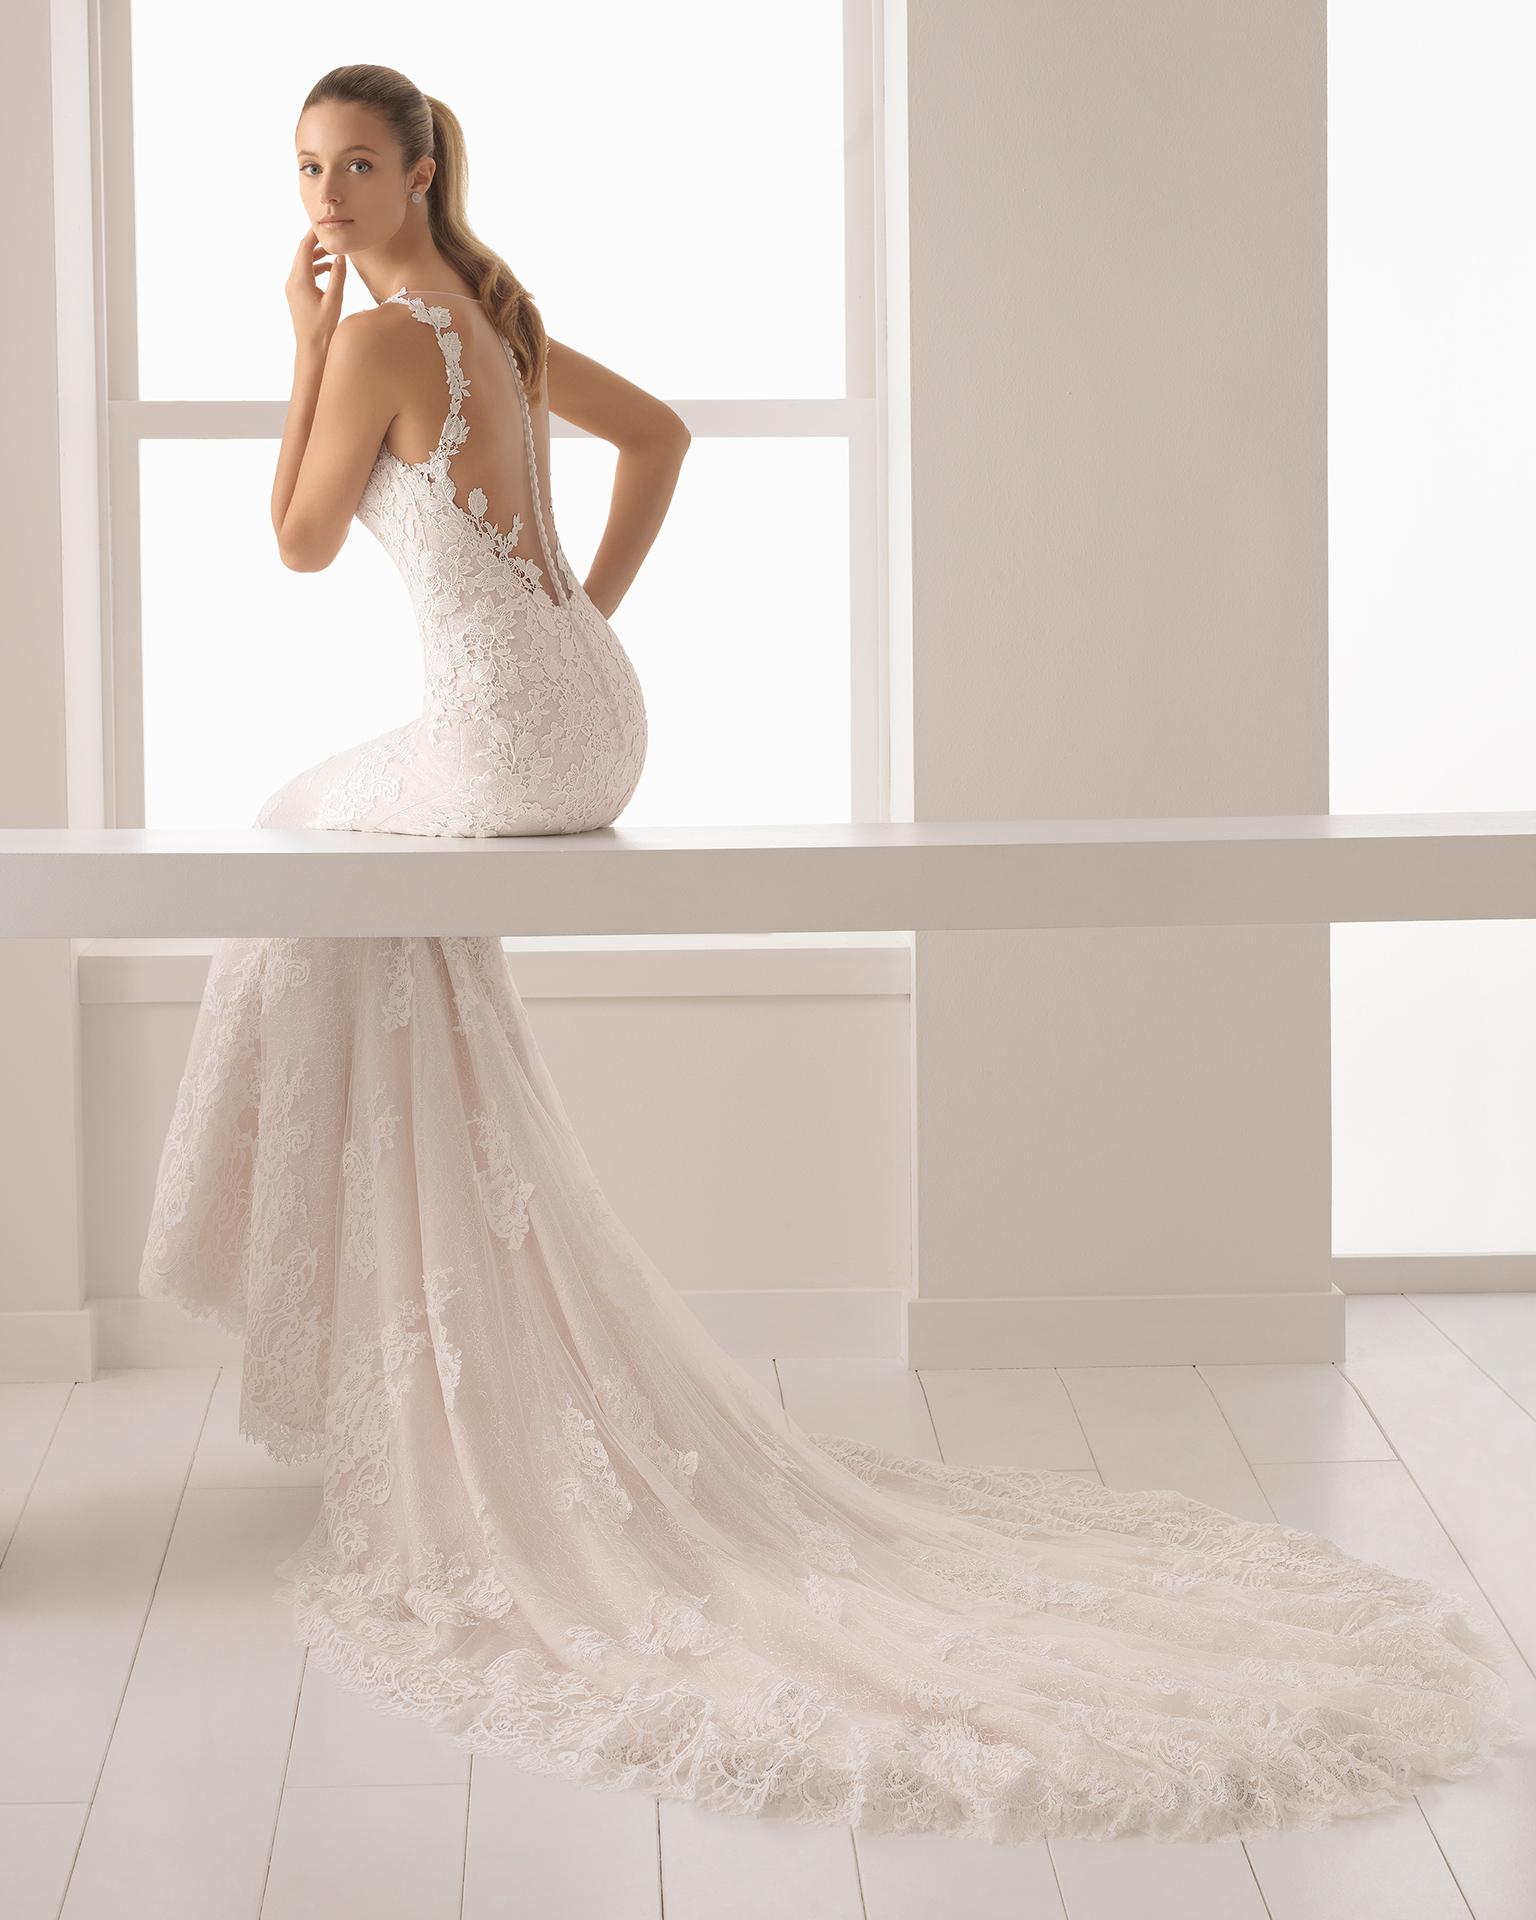 裸色和米白色美人鱼款蕾丝凸纹花边新娘婚纱,鸡心领配后背纹身效果设计。